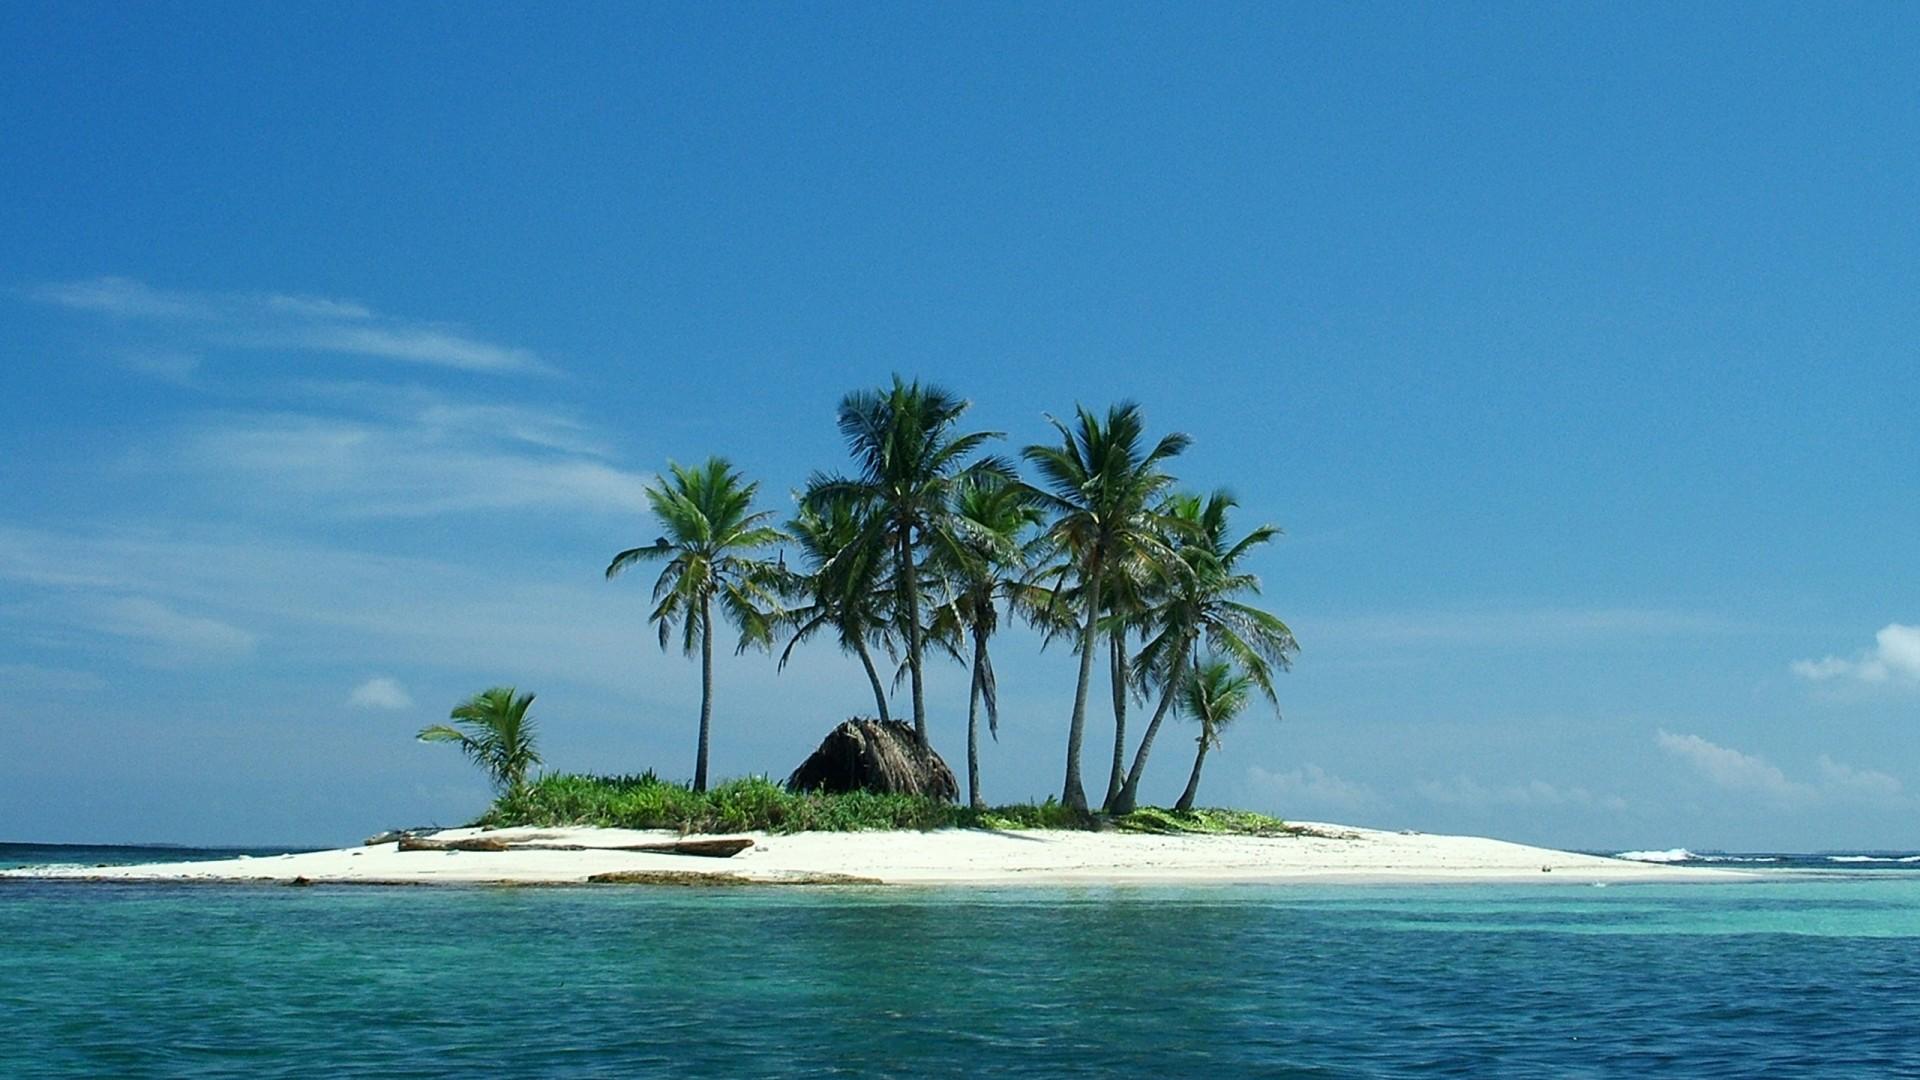 Le isole pi piccole del mondo voglio vivere cos magazine for Isole per cucine piccole